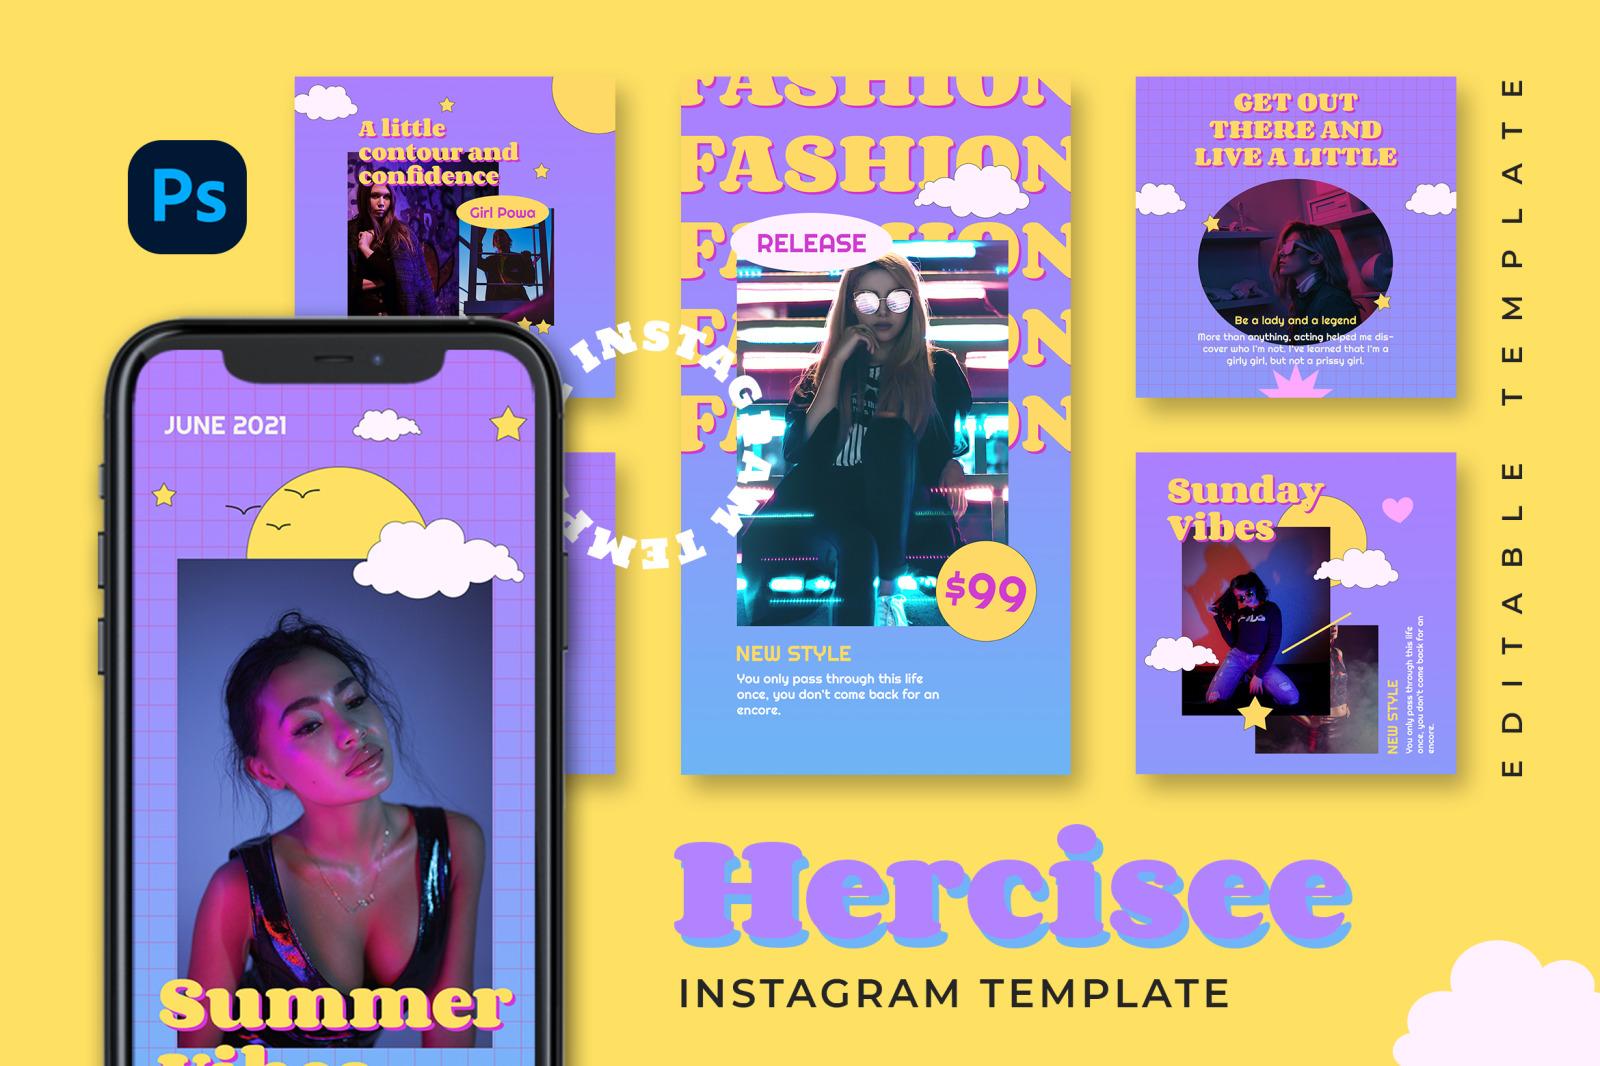 Hercisee Instagram Template